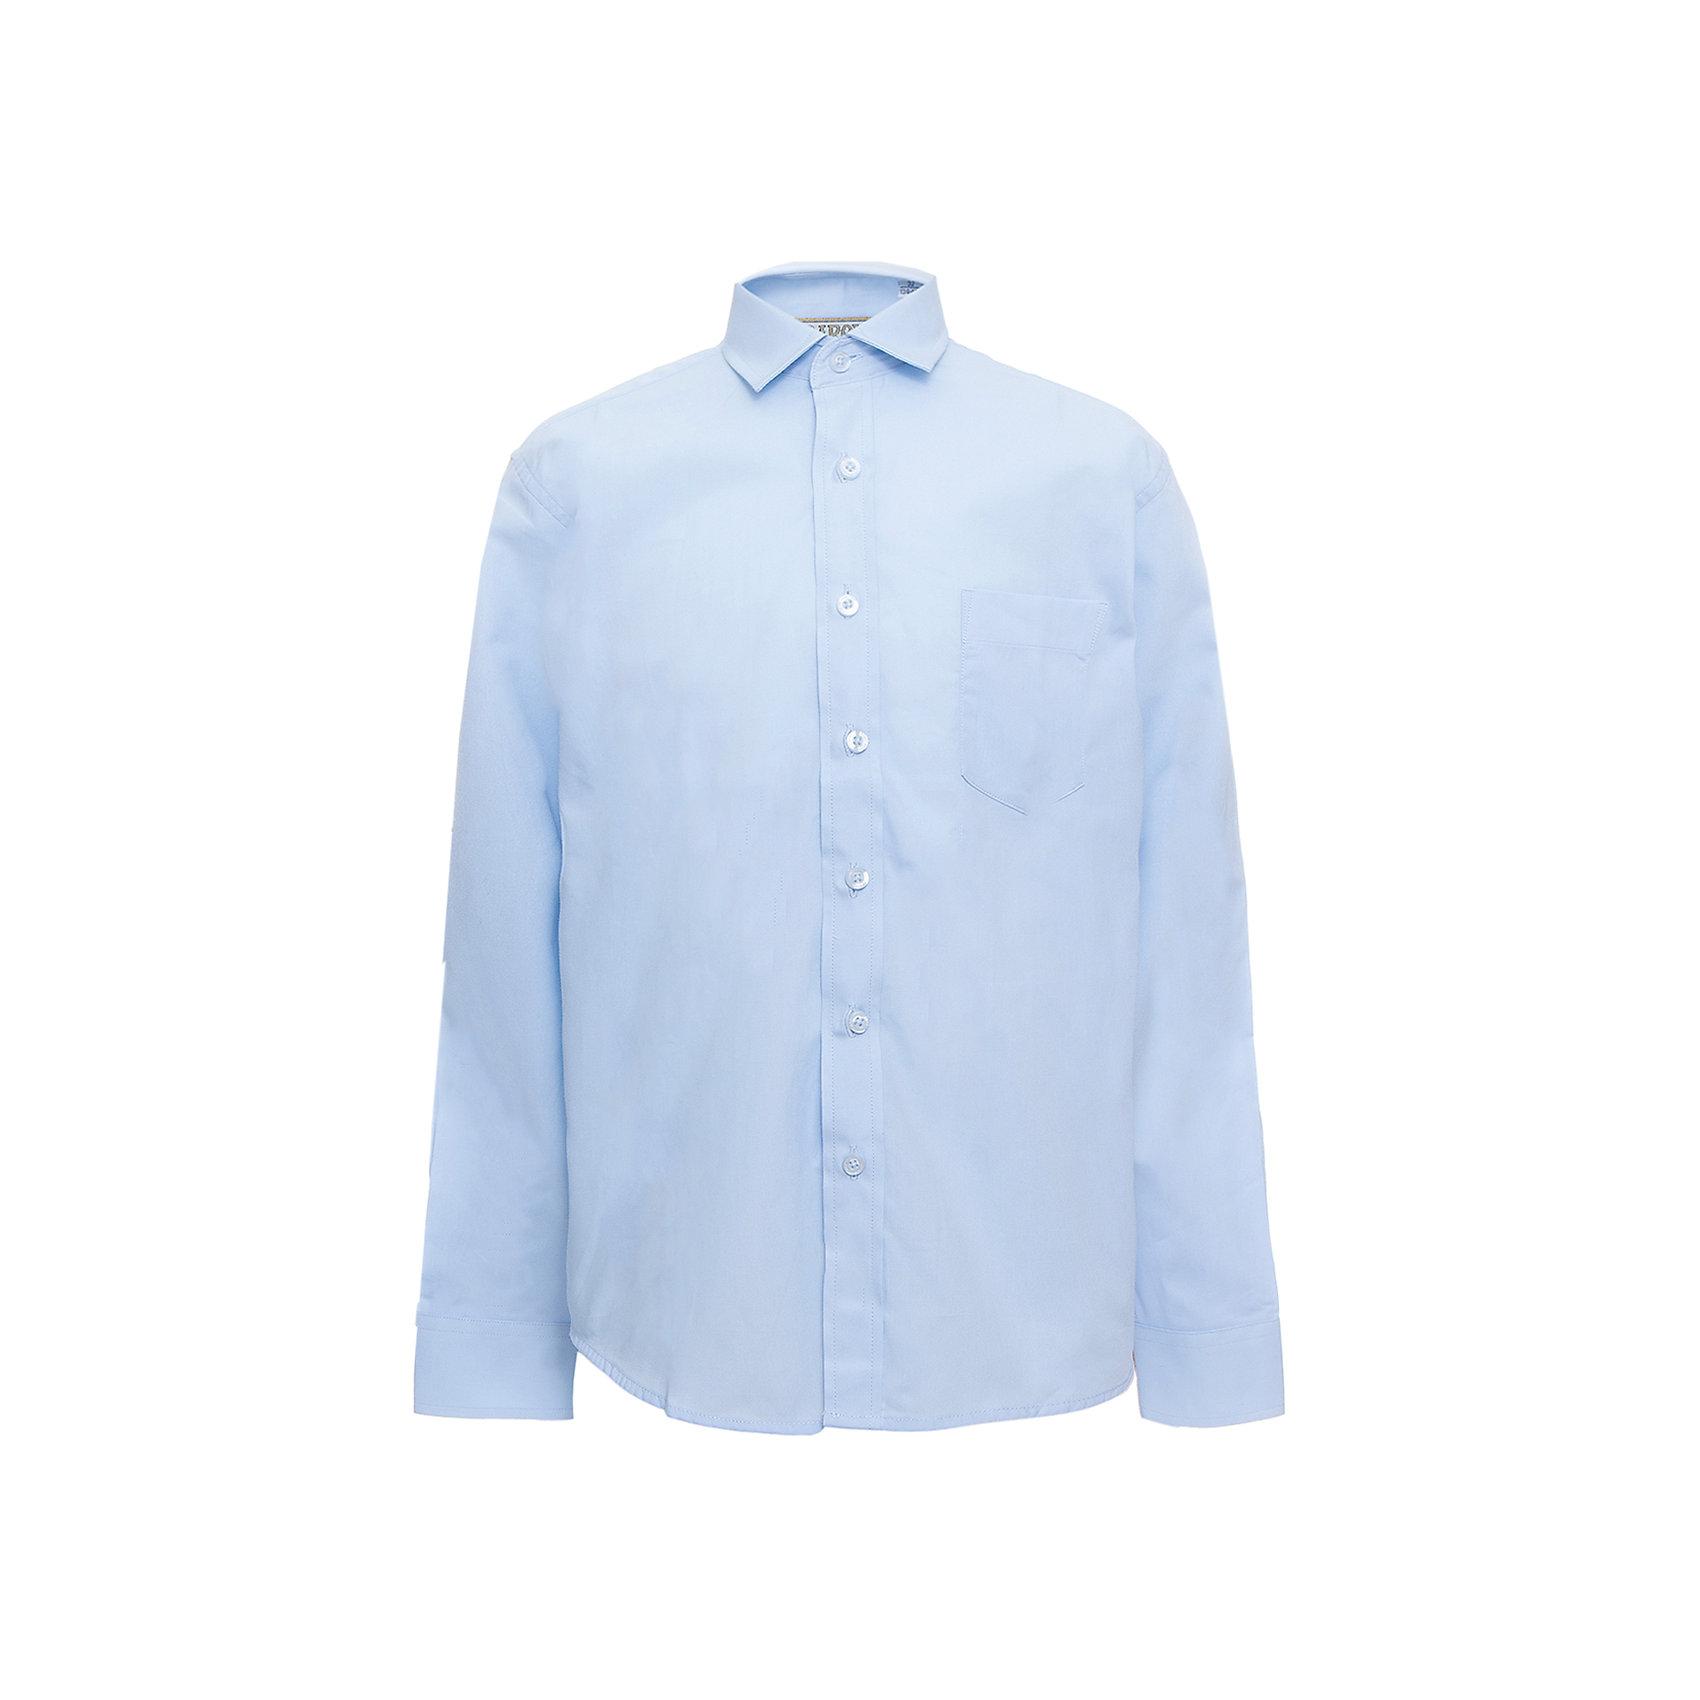 Рубашка для мальчика TsarevichБлузки и рубашки<br>Характеристики товара:<br><br>• цвет: голубой<br>• состав ткани: 80% хлопок, 20% полиэстер<br>• особенности: школьная, праздничная<br>• застежка: пуговицы<br>• рукава: длинные<br>• сезон: круглый год<br>• страна бренда: Российская Федерация<br>• страна изготовитель: Китай<br><br>Классическая сорочка для мальчика - отличный вариант практичной и стильной школьной одежды.<br><br>Классическая форма, накладной карман, воротник с отсрочкой, свободный крой, дышащая ткань с преобладанием хлопка - красиво и удобно.<br><br>Рубашку для мальчика Tsarevich (Царевич) можно купить в нашем интернет-магазине.<br><br>Ширина мм: 174<br>Глубина мм: 10<br>Высота мм: 169<br>Вес г: 157<br>Цвет: голубой<br>Возраст от месяцев: 72<br>Возраст до месяцев: 84<br>Пол: Мужской<br>Возраст: Детский<br>Размер: 122/128,164/170,128/134,134/140,140/146,146/152,146/152,152/158,152/158,158/164<br>SKU: 6860655